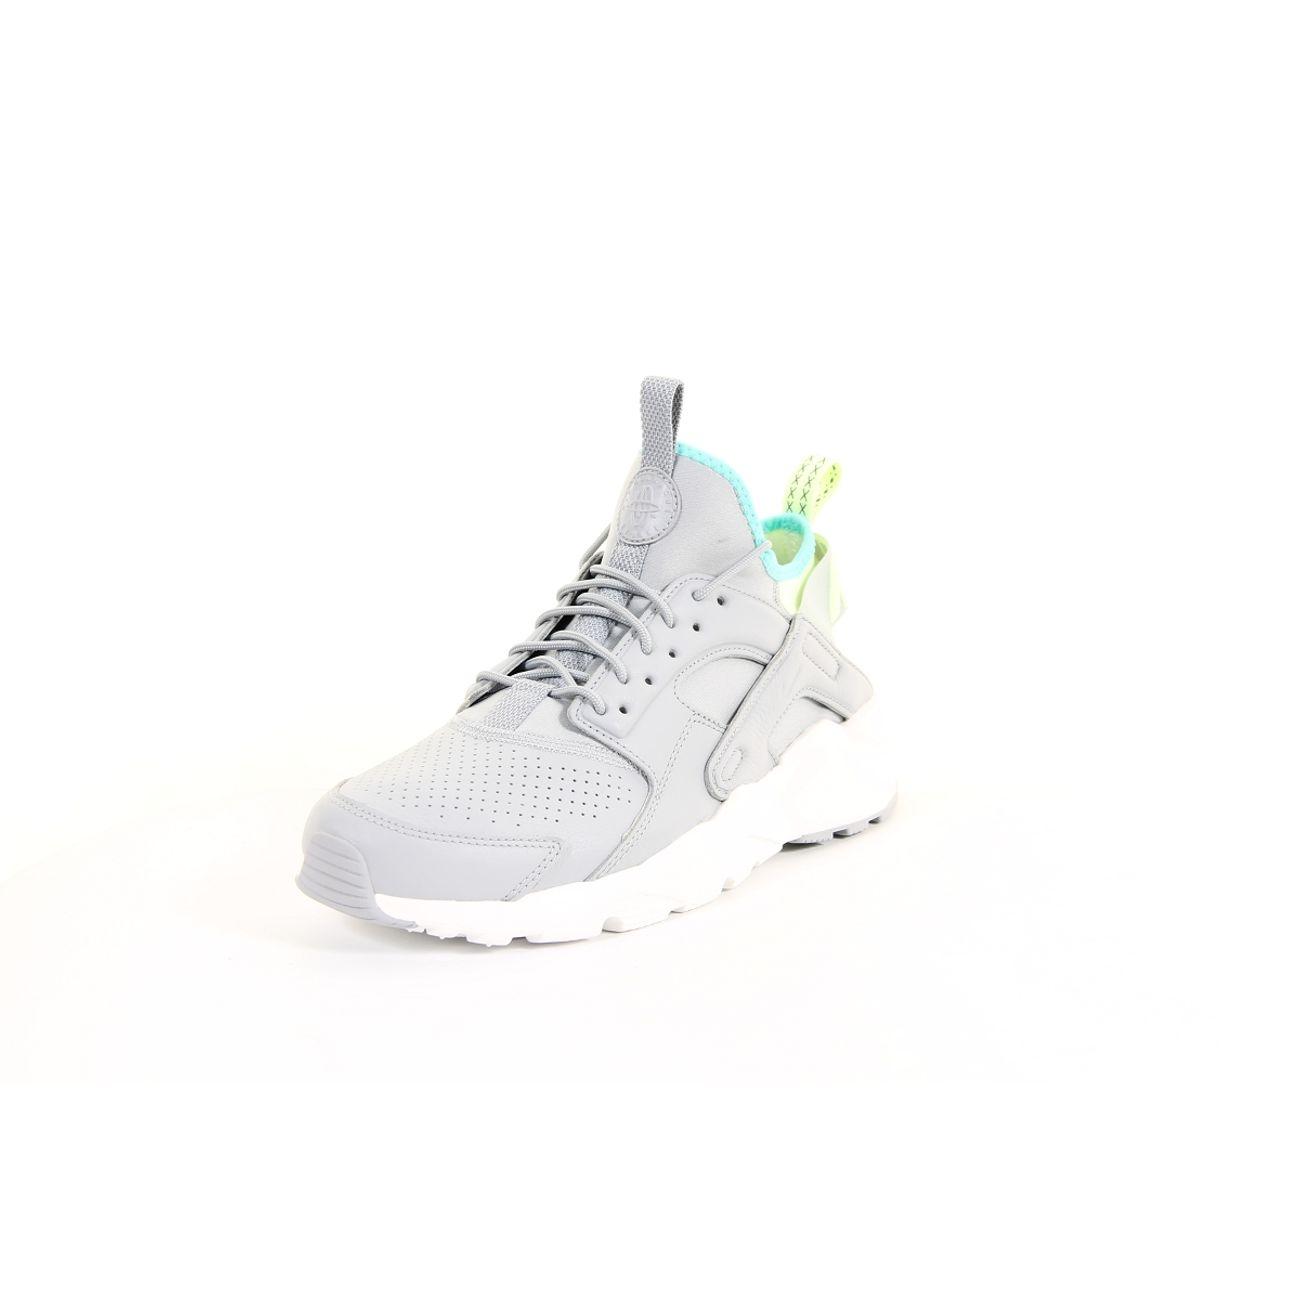 Chaussures Sportswear Homme Nike Air Huarache Run Ultra Se